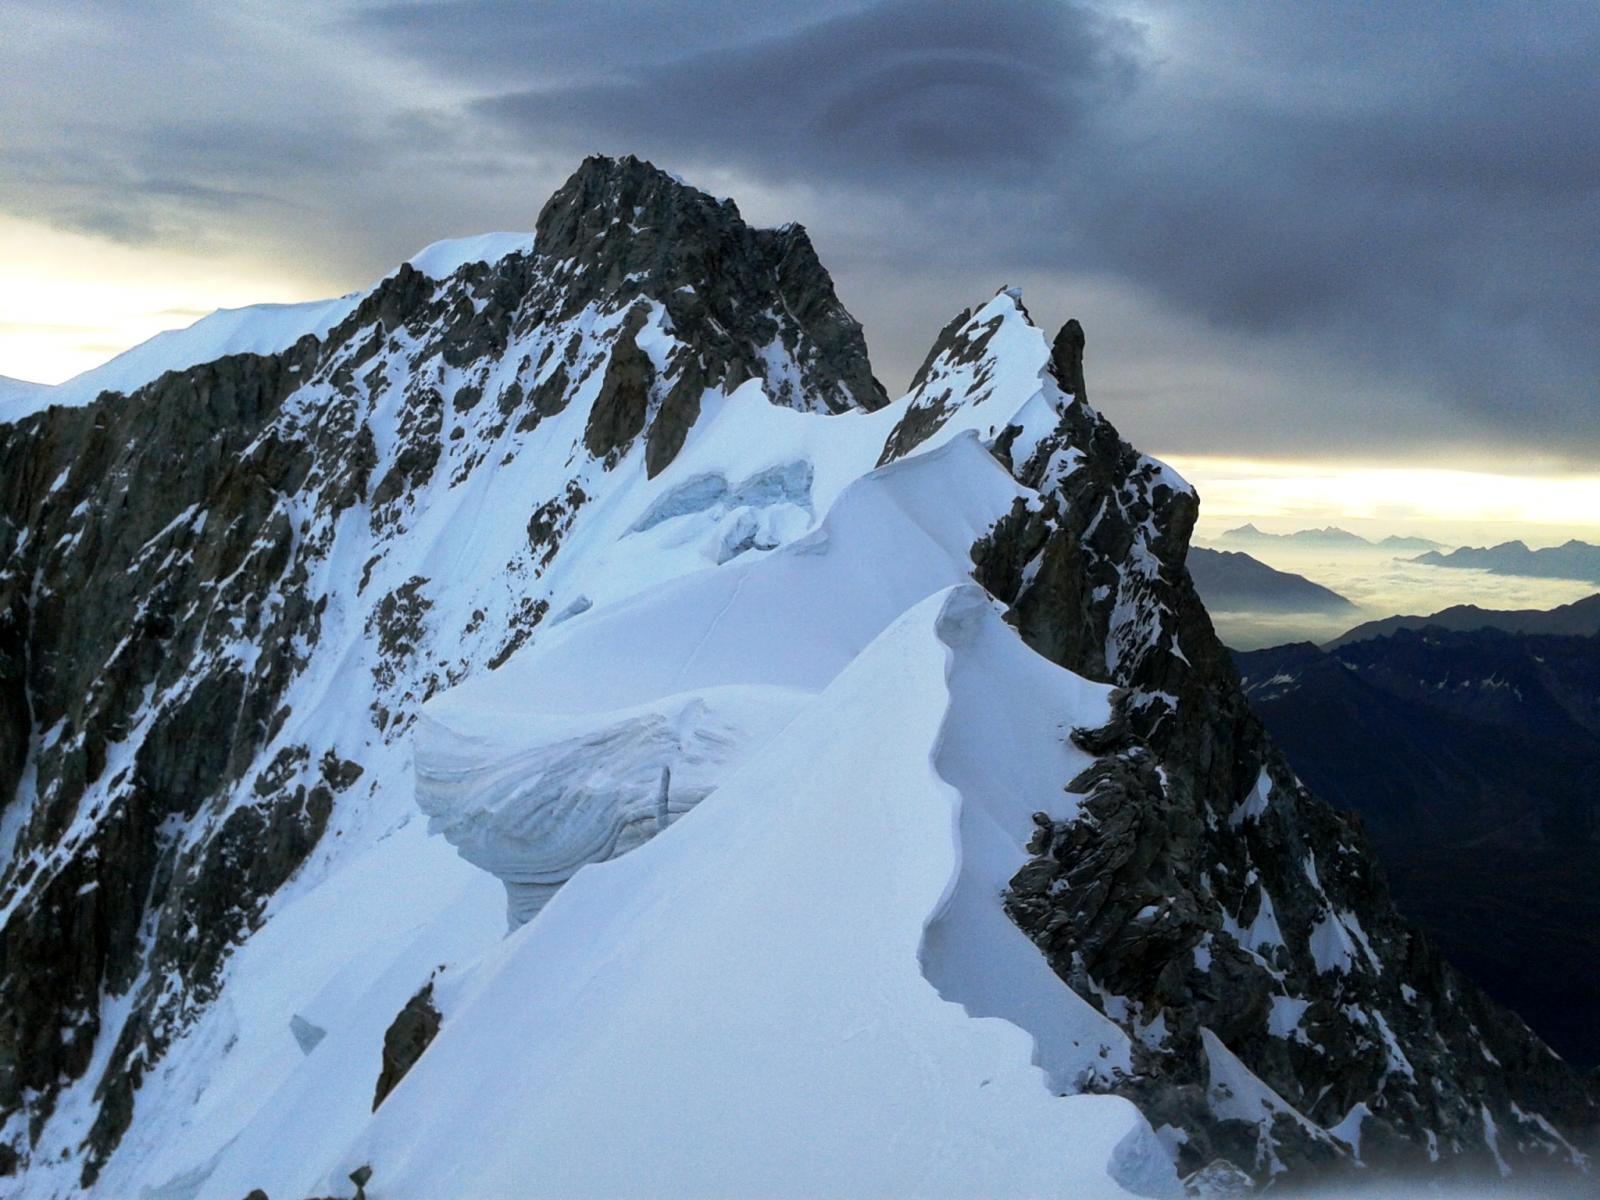 La cresta e l'Aig. de Rochefort all'alba